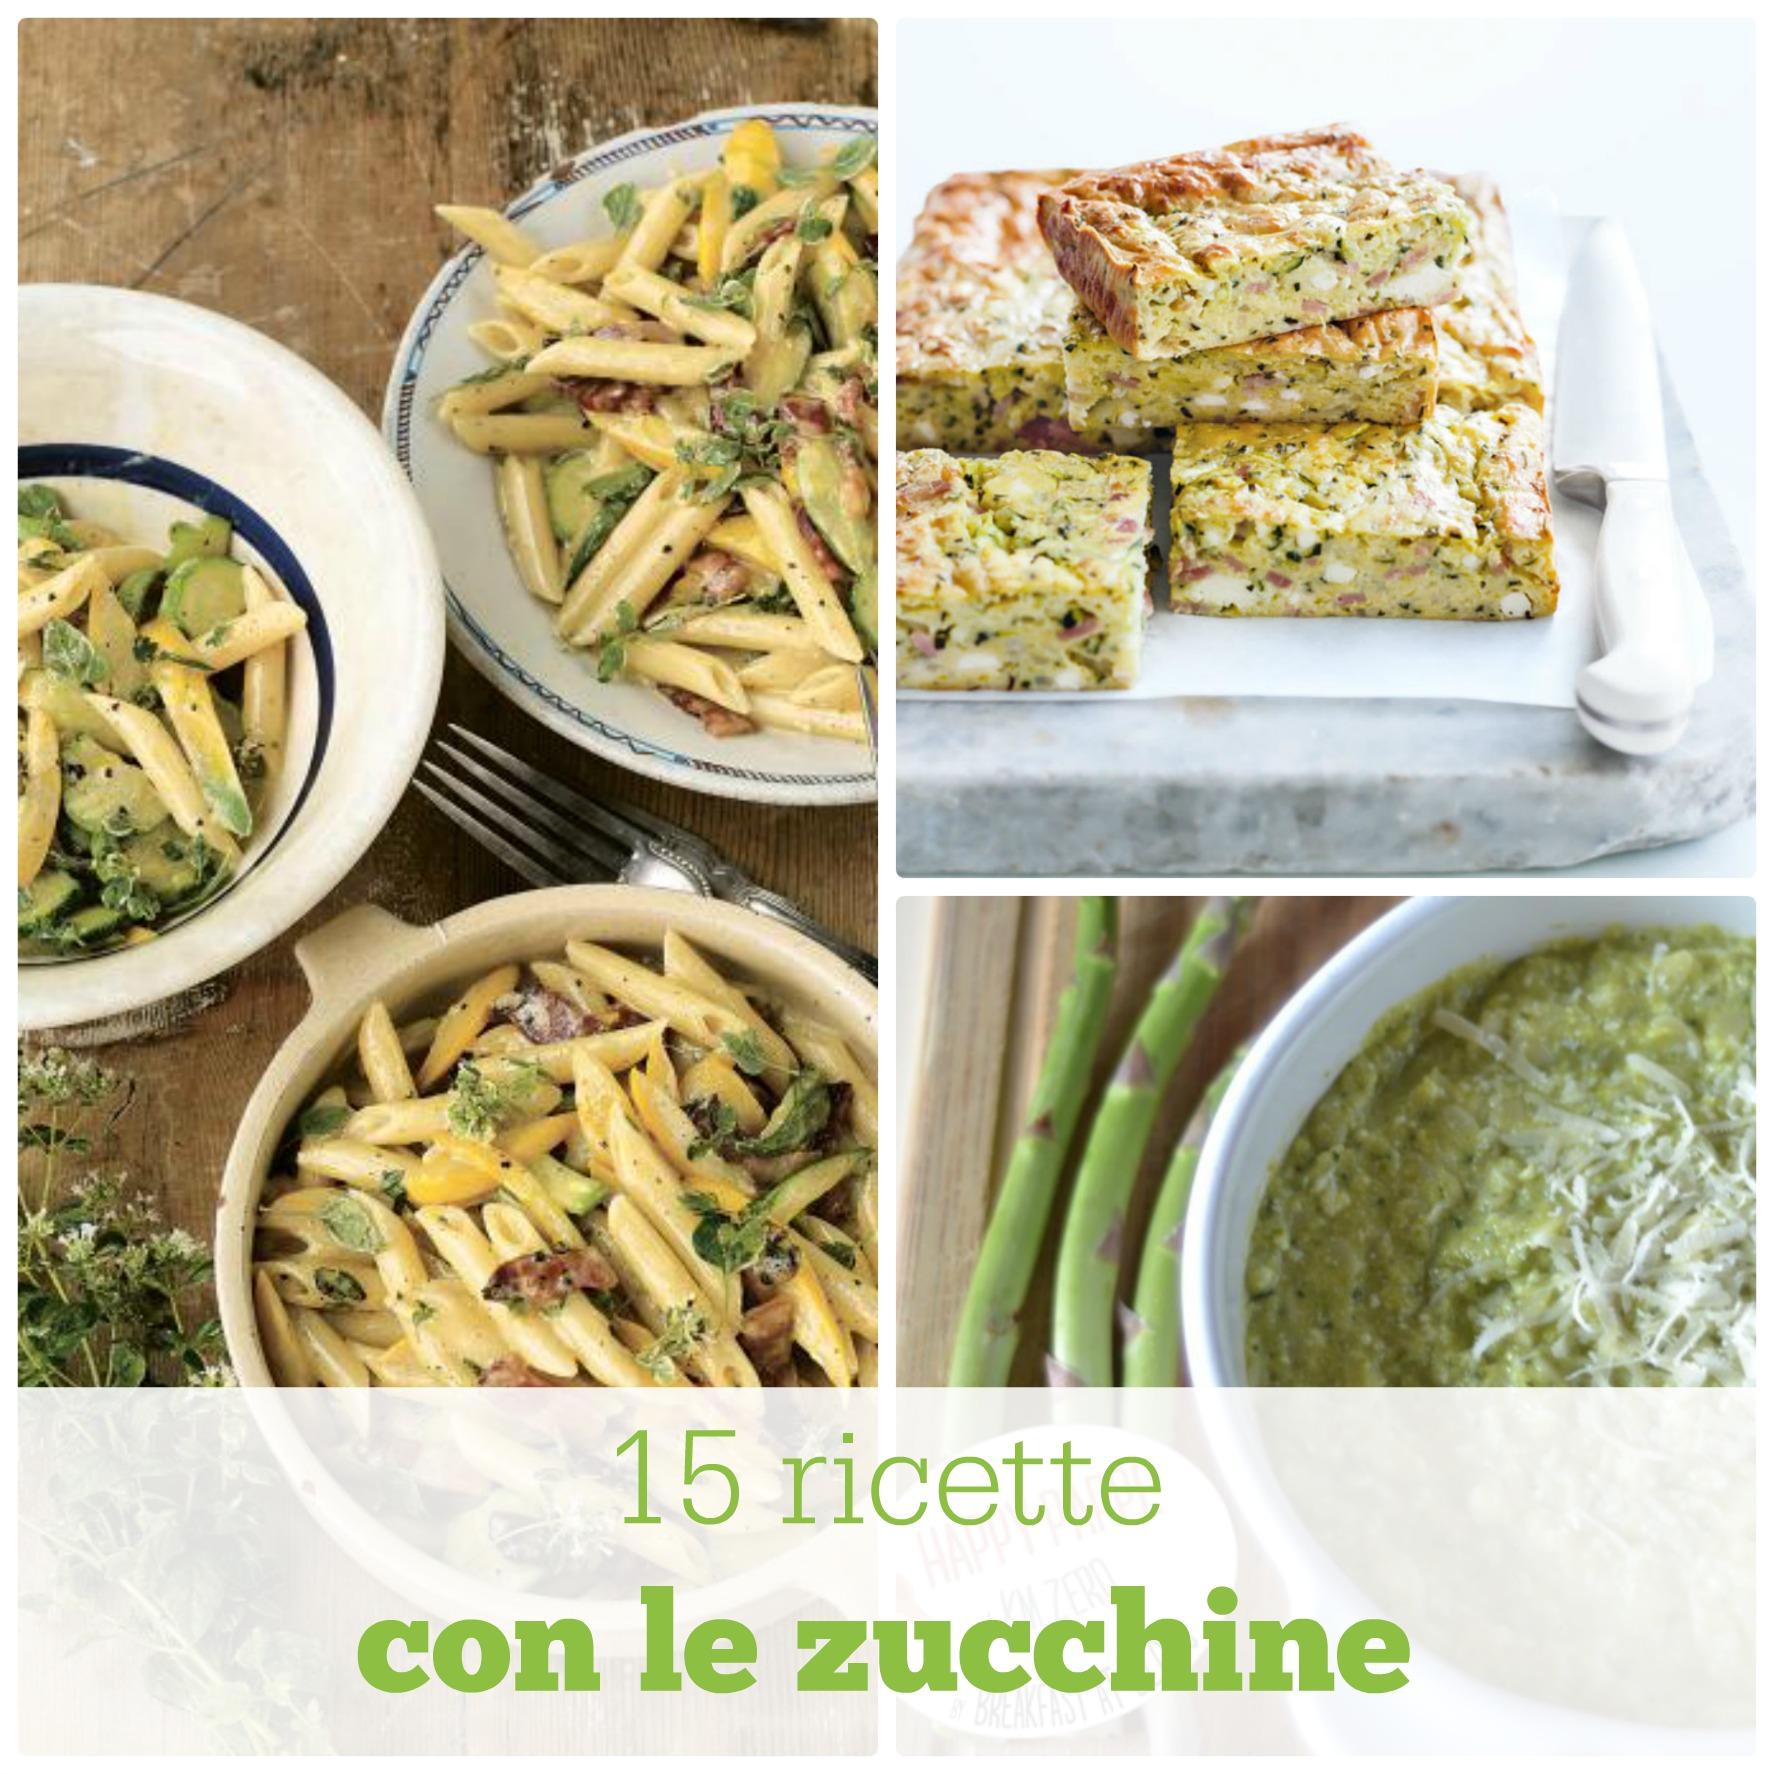 Ricette con le zucchine